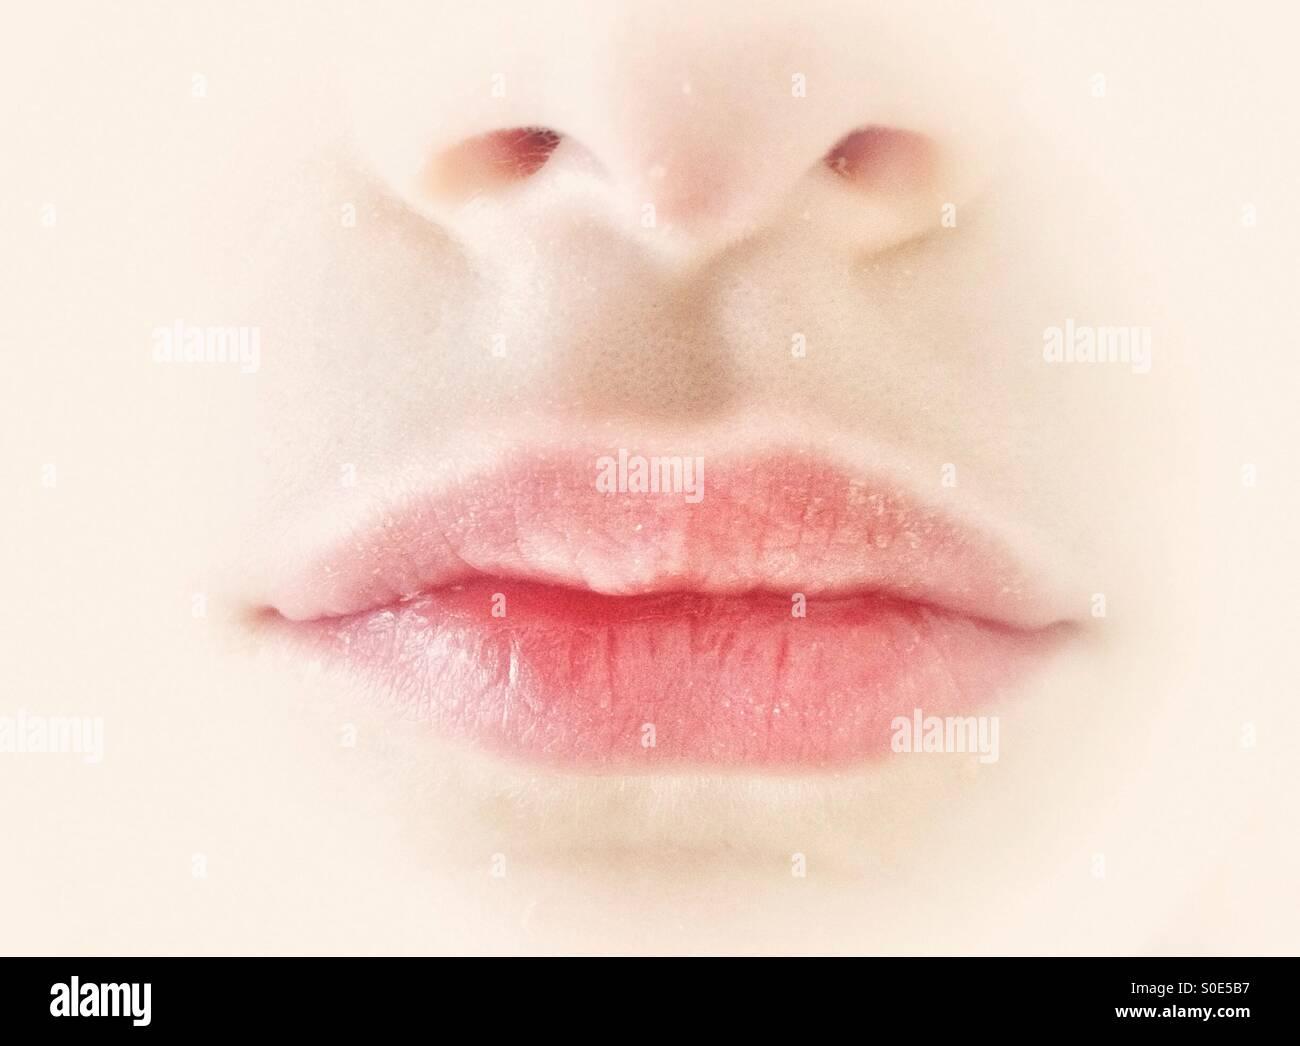 Los labios de la muchacha Imagen De Stock